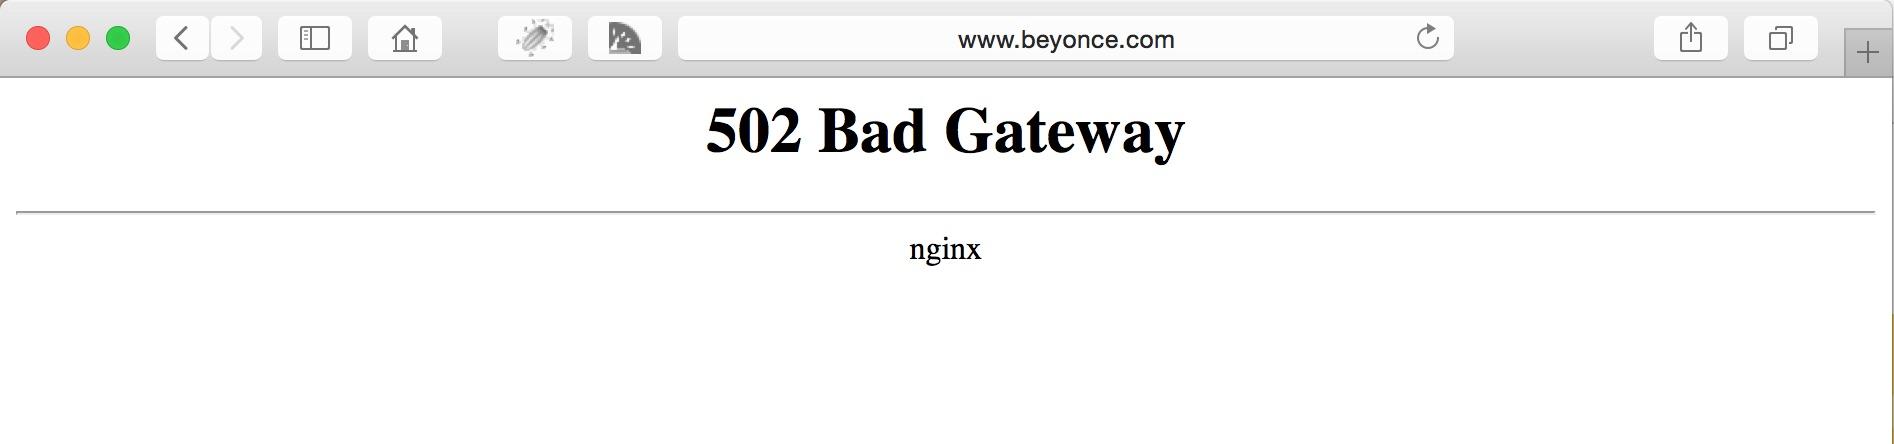 beyonce503